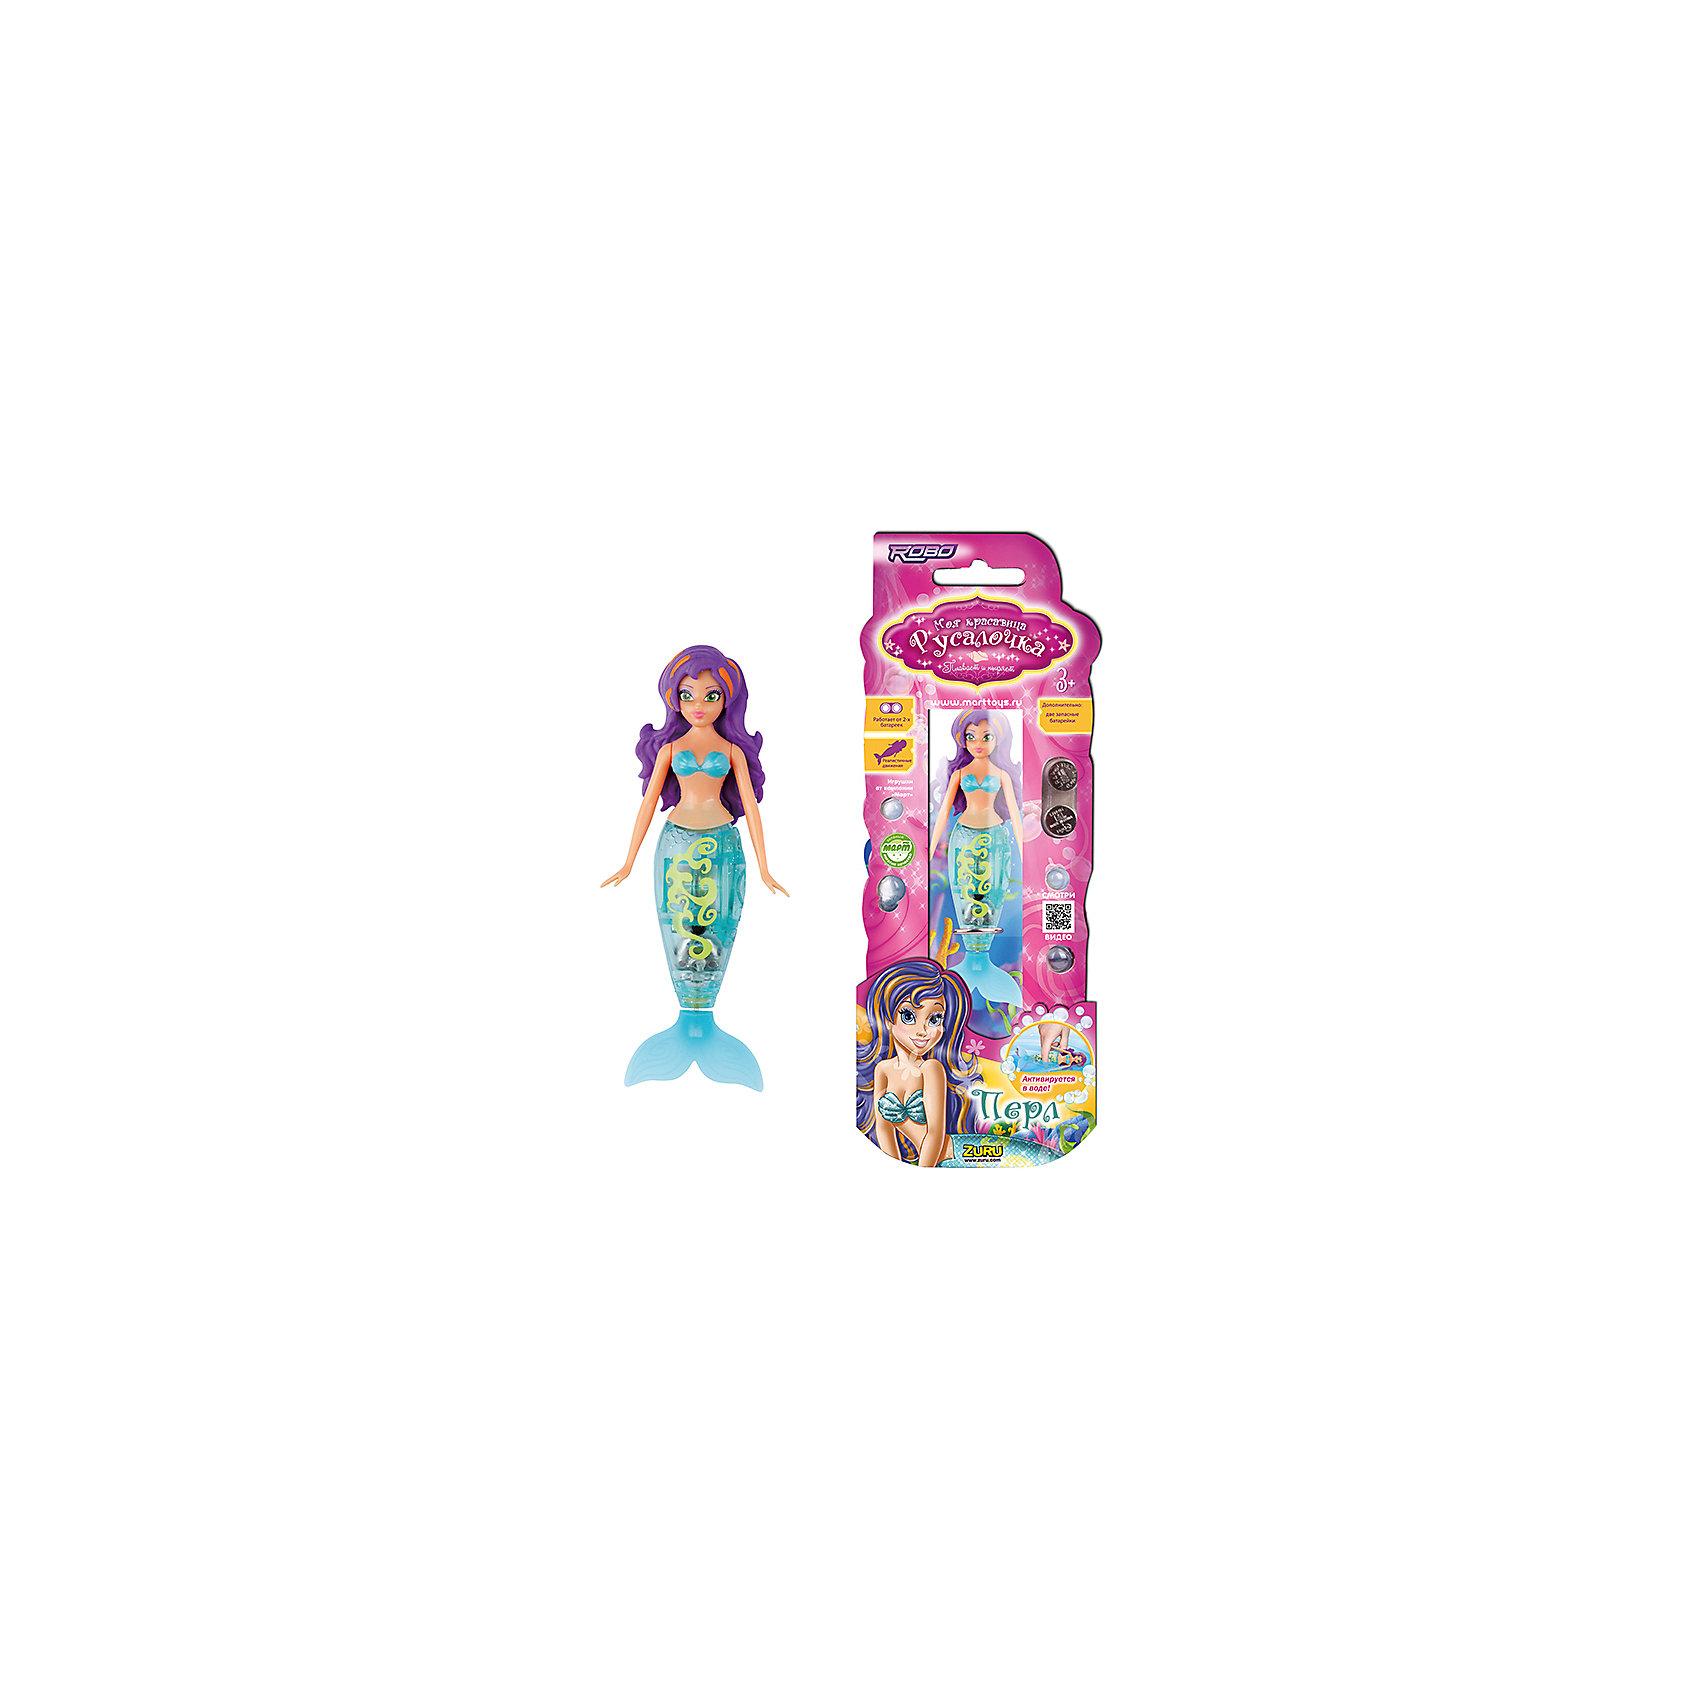 Кукла русалочка Перл, ZURUРоборыбки и русалки<br>Кукла русалочка  Перл, ZURU сама активируется в воде. Может плавать на спине по поверхности воды или вертикально вверх и вниз в глубине. Для того, чтобы русалка плавала под водой, нужно надеть ей на хвост кольцо-грузик.<br><br>Дополнительная информация:<br><br>- Высота Русалочки: 11,4 см<br>- В наборе 3 разных по весу кольца, с помощью которых регулируется глубина погружения Русалочки.<br>- Работает от 2 алкалиновых батареек А76 или RL44 (2 установлены в игрушку, 2 запасные входят в комплект)<br><br>Куклу русалочку  Перл, ZURU (Зуру) можно купить в нашем магазине.<br><br>Ширина мм: 820<br>Глубина мм: 430<br>Высота мм: 250<br>Вес г: 200<br>Возраст от месяцев: 36<br>Возраст до месяцев: 120<br>Пол: Женский<br>Возраст: Детский<br>SKU: 3879196